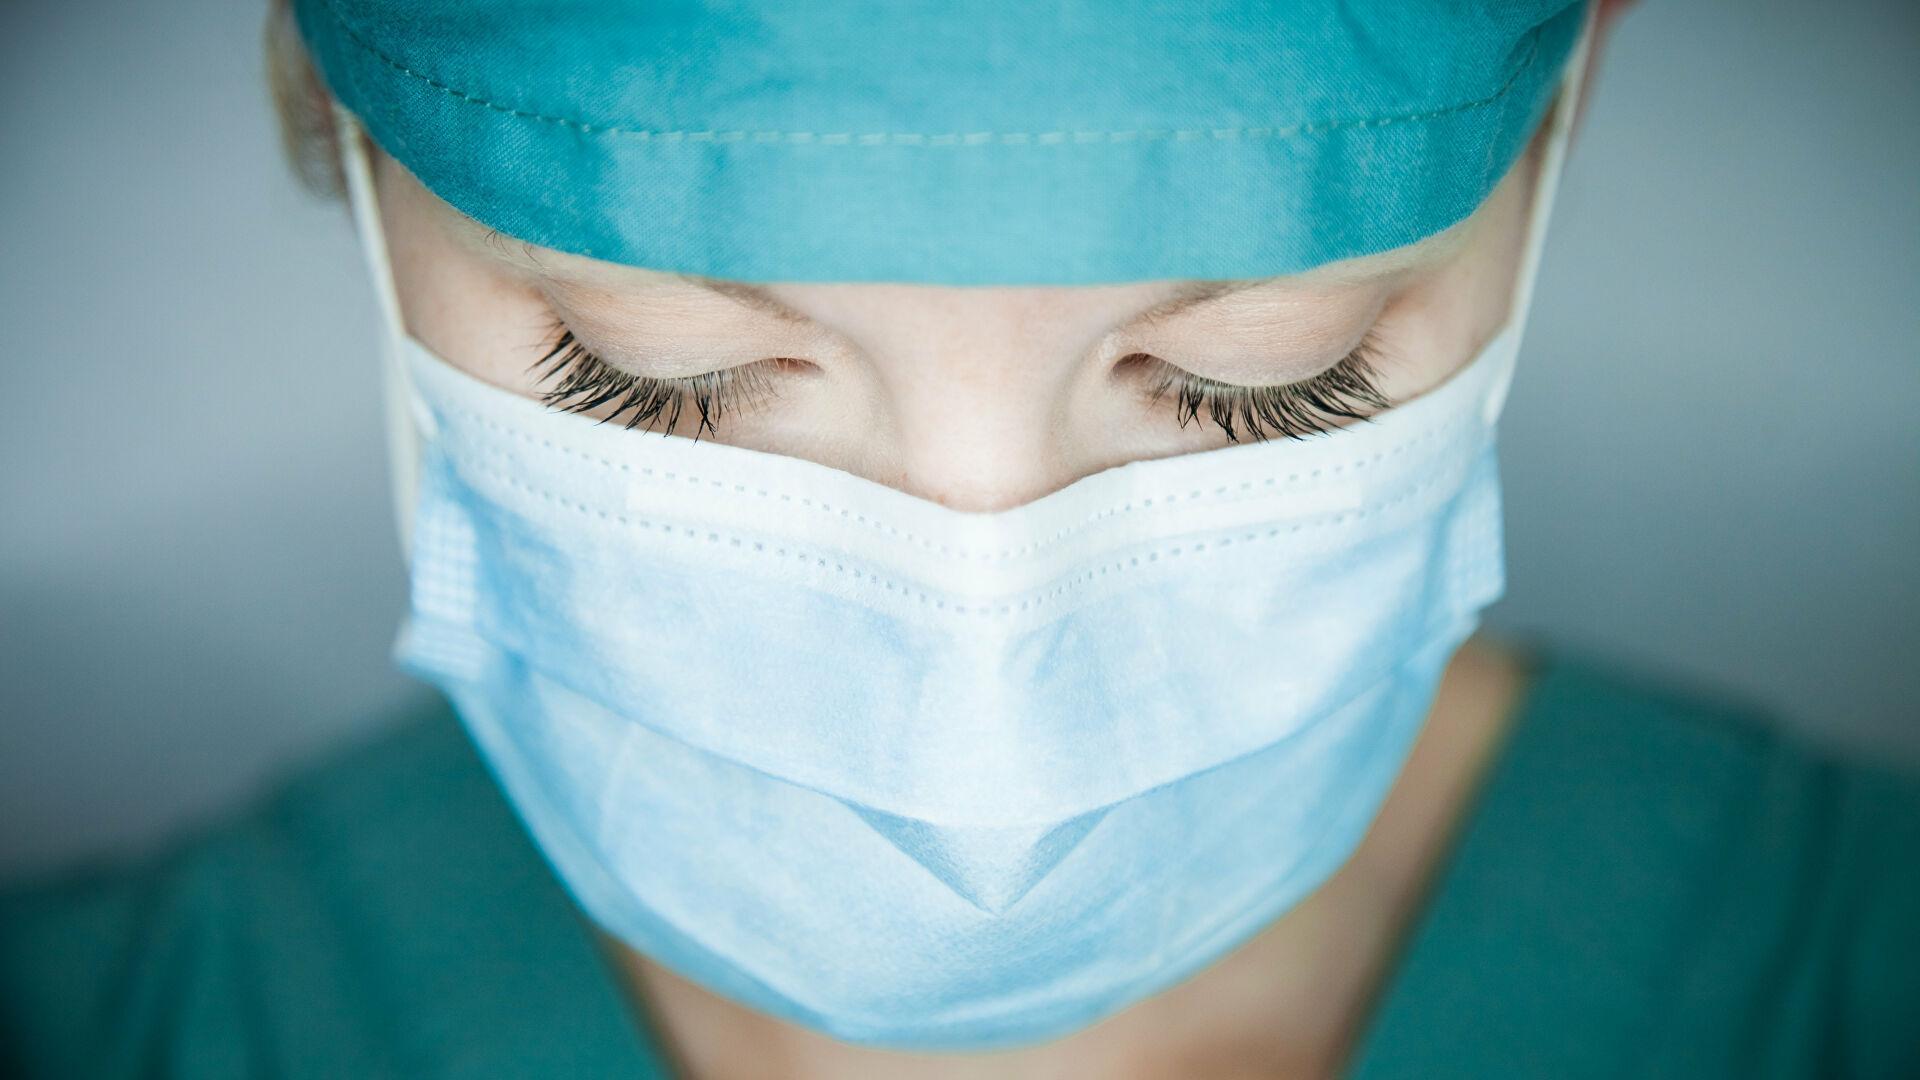 Минфин хочет обязать медиков раскрывать врачебную тайну